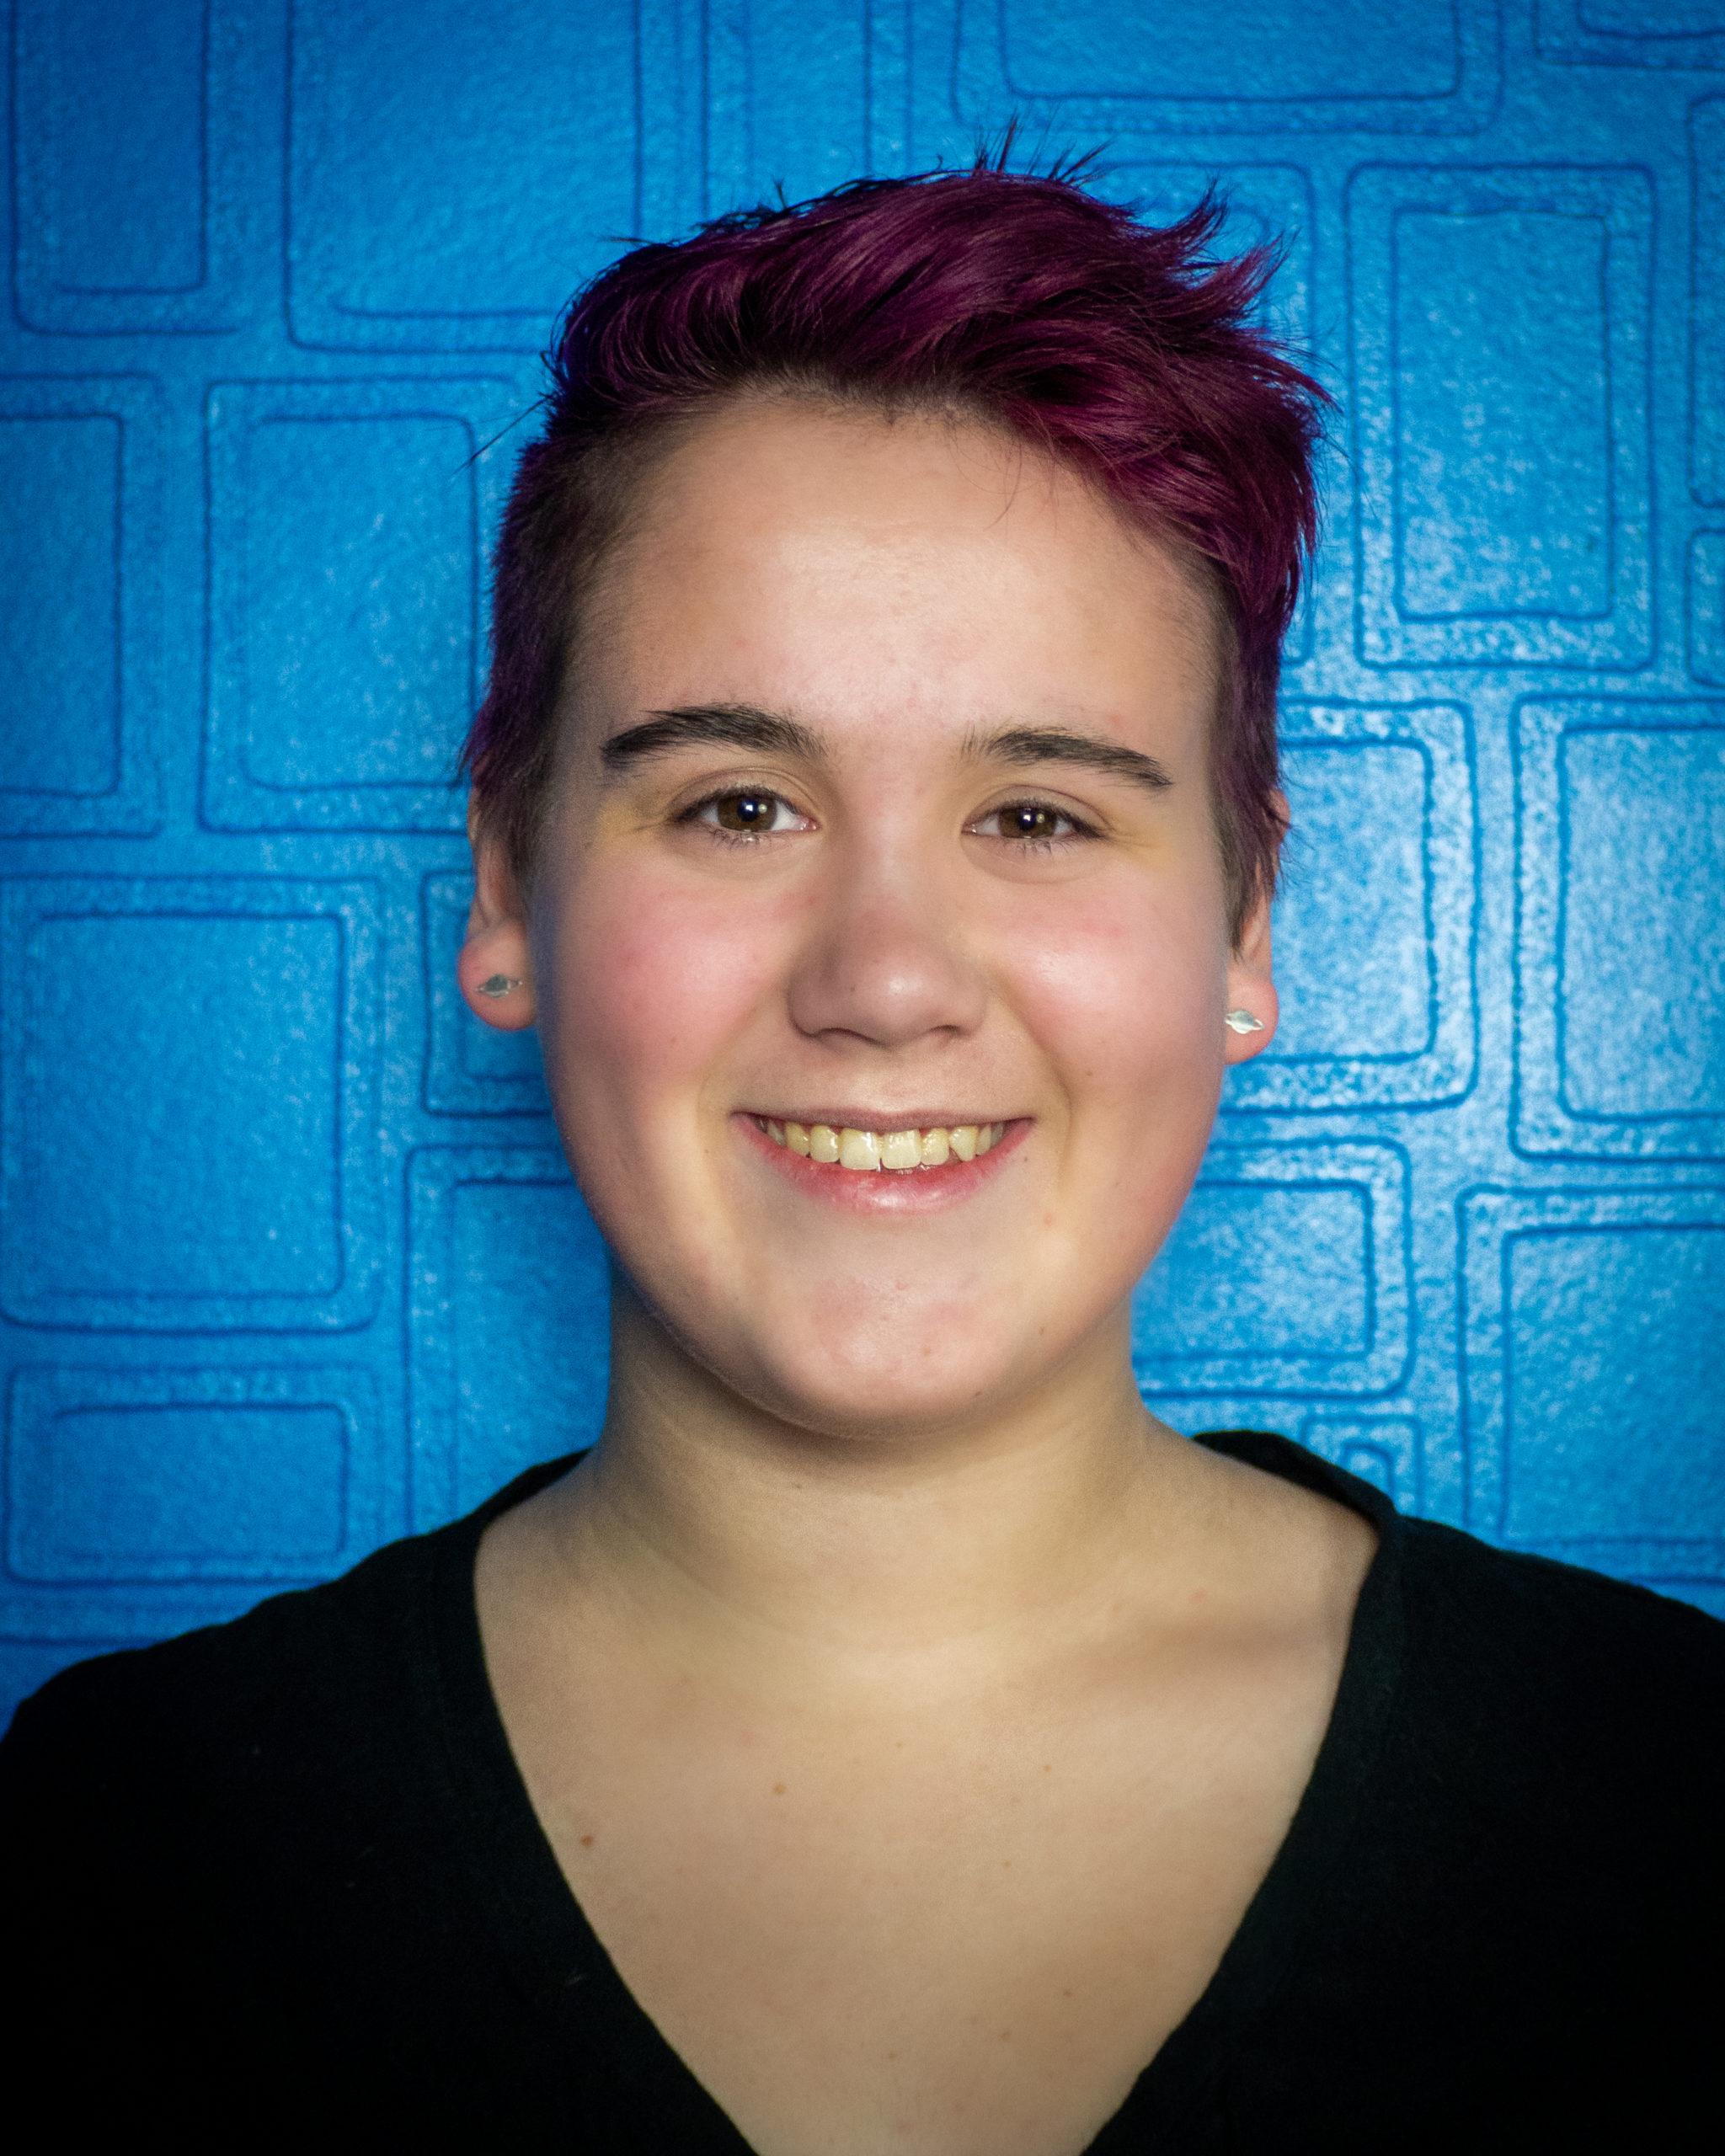 Abigail Kunkle